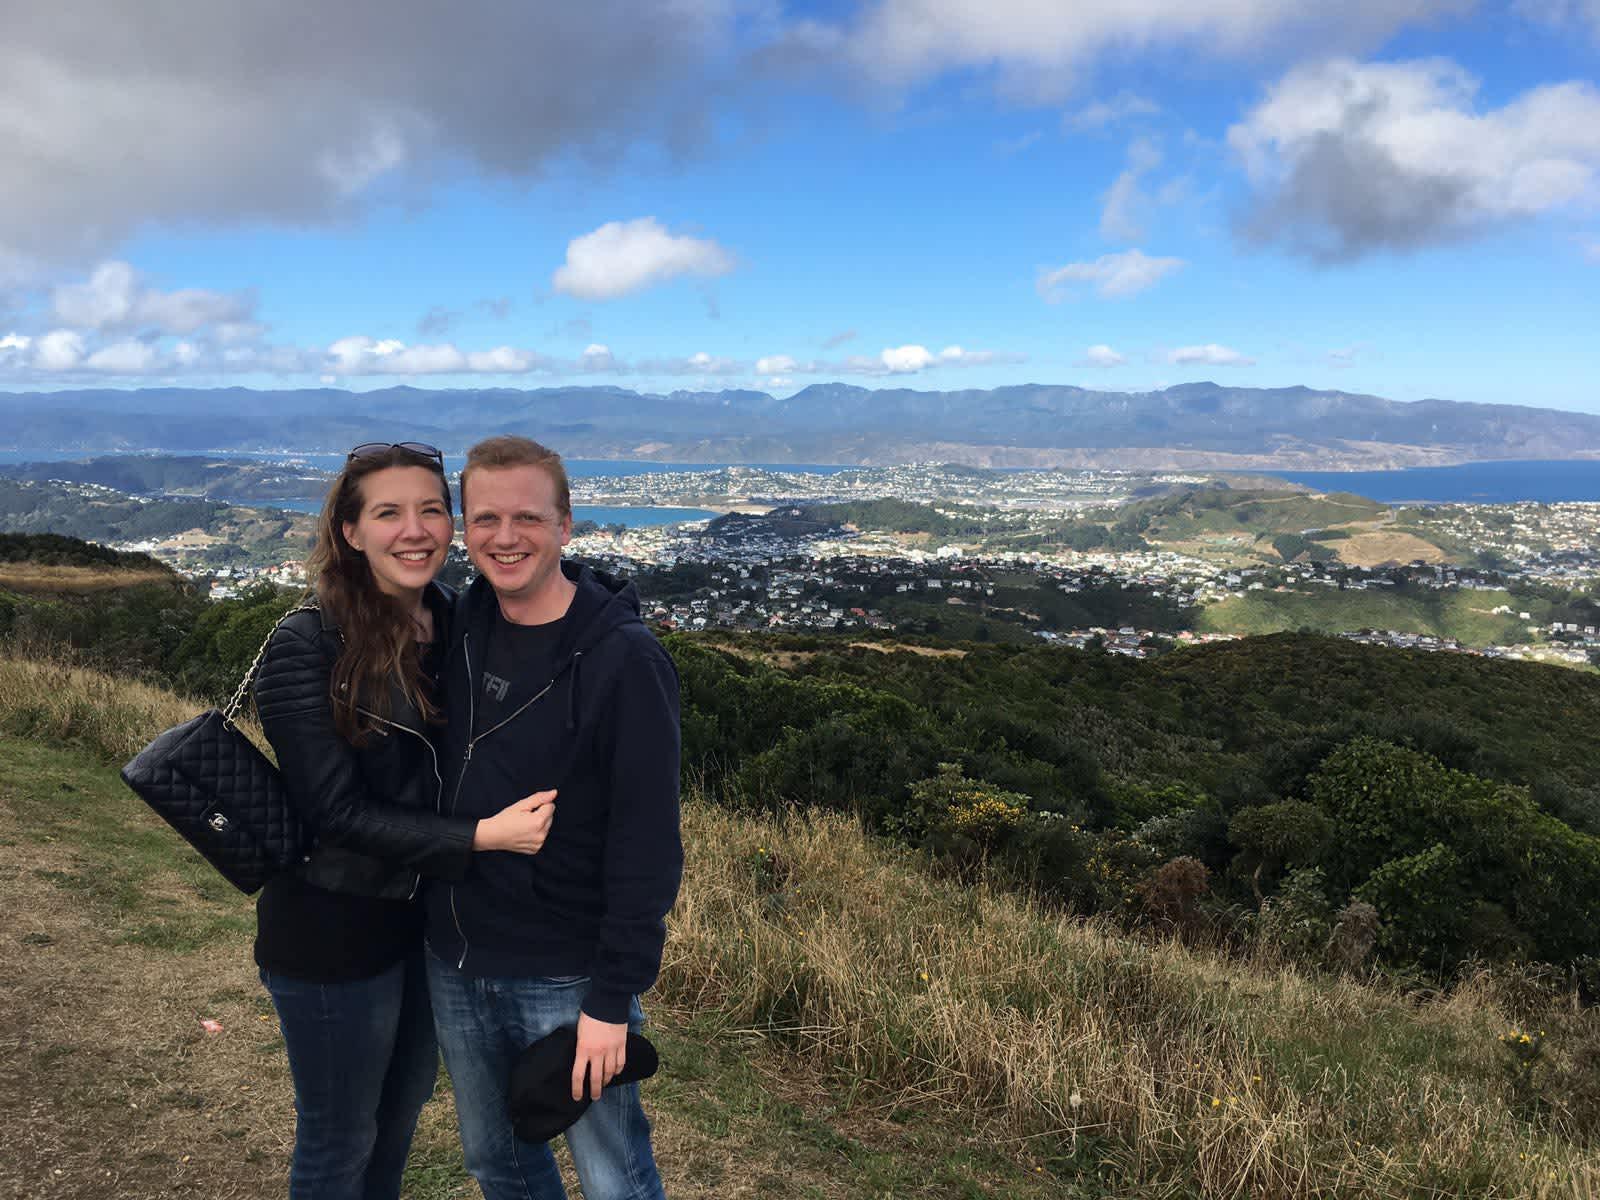 Victoria & Ben from Wellington, New Zealand